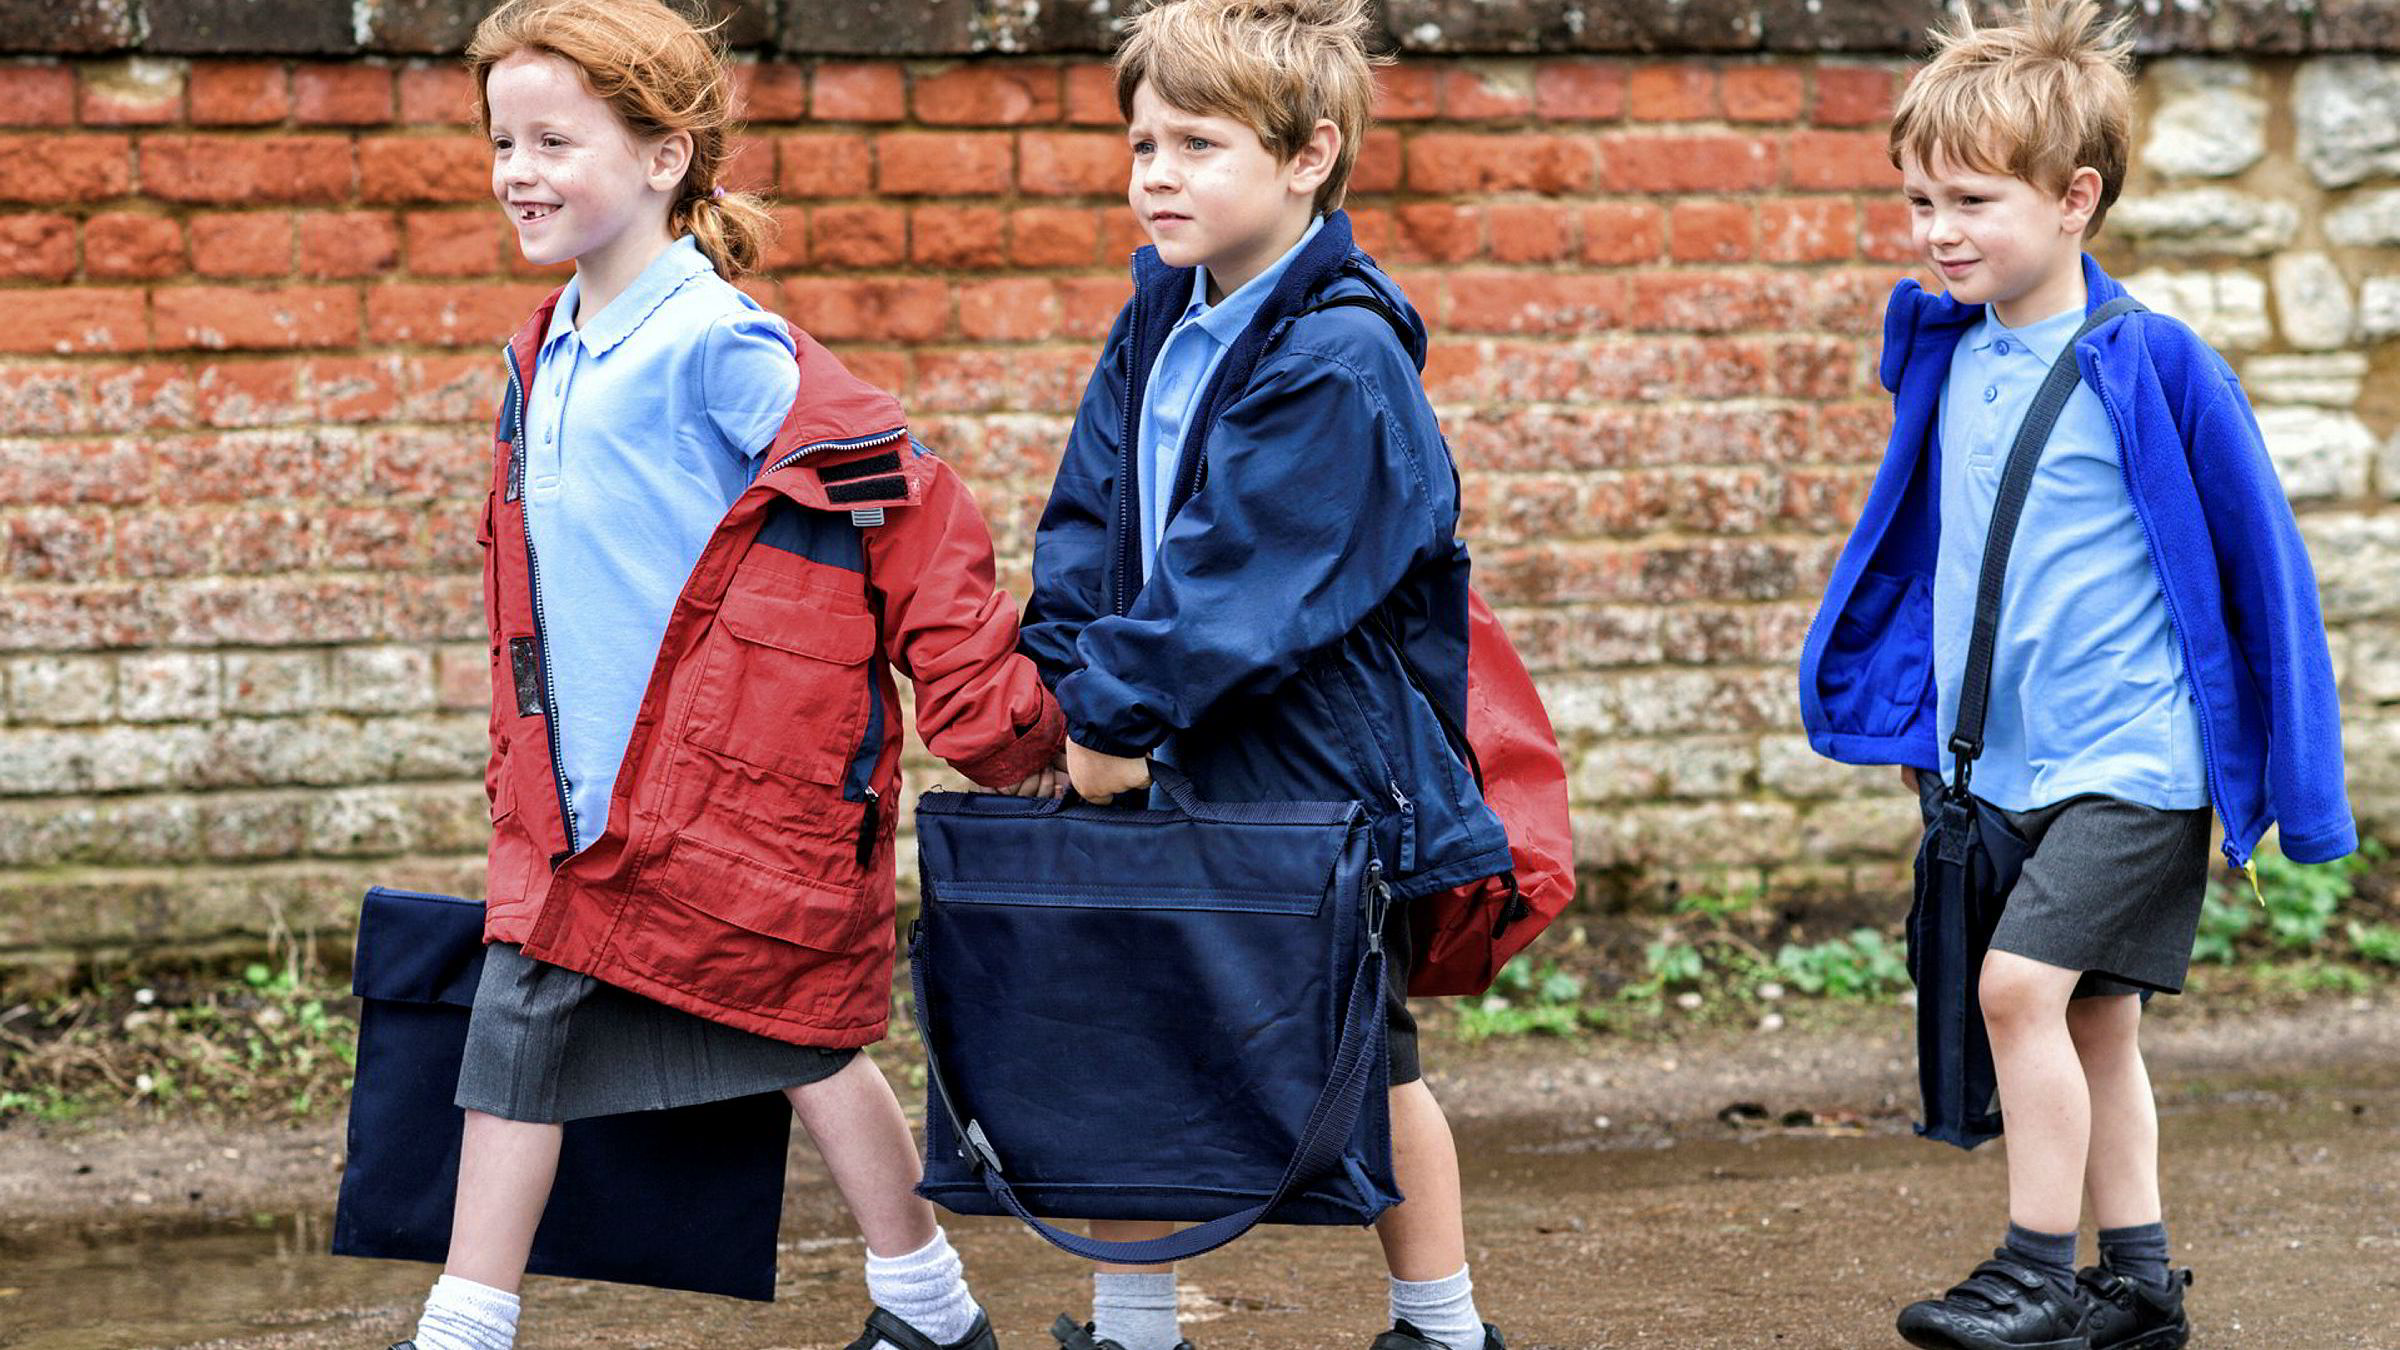 Britisk forskning viser at barn som startet skolen da de var fire og et halvt år istedenfor fem år, gjør det bedre på tester i språk og matematikk som syvåringer. Bildet viser engelske skolebarn.